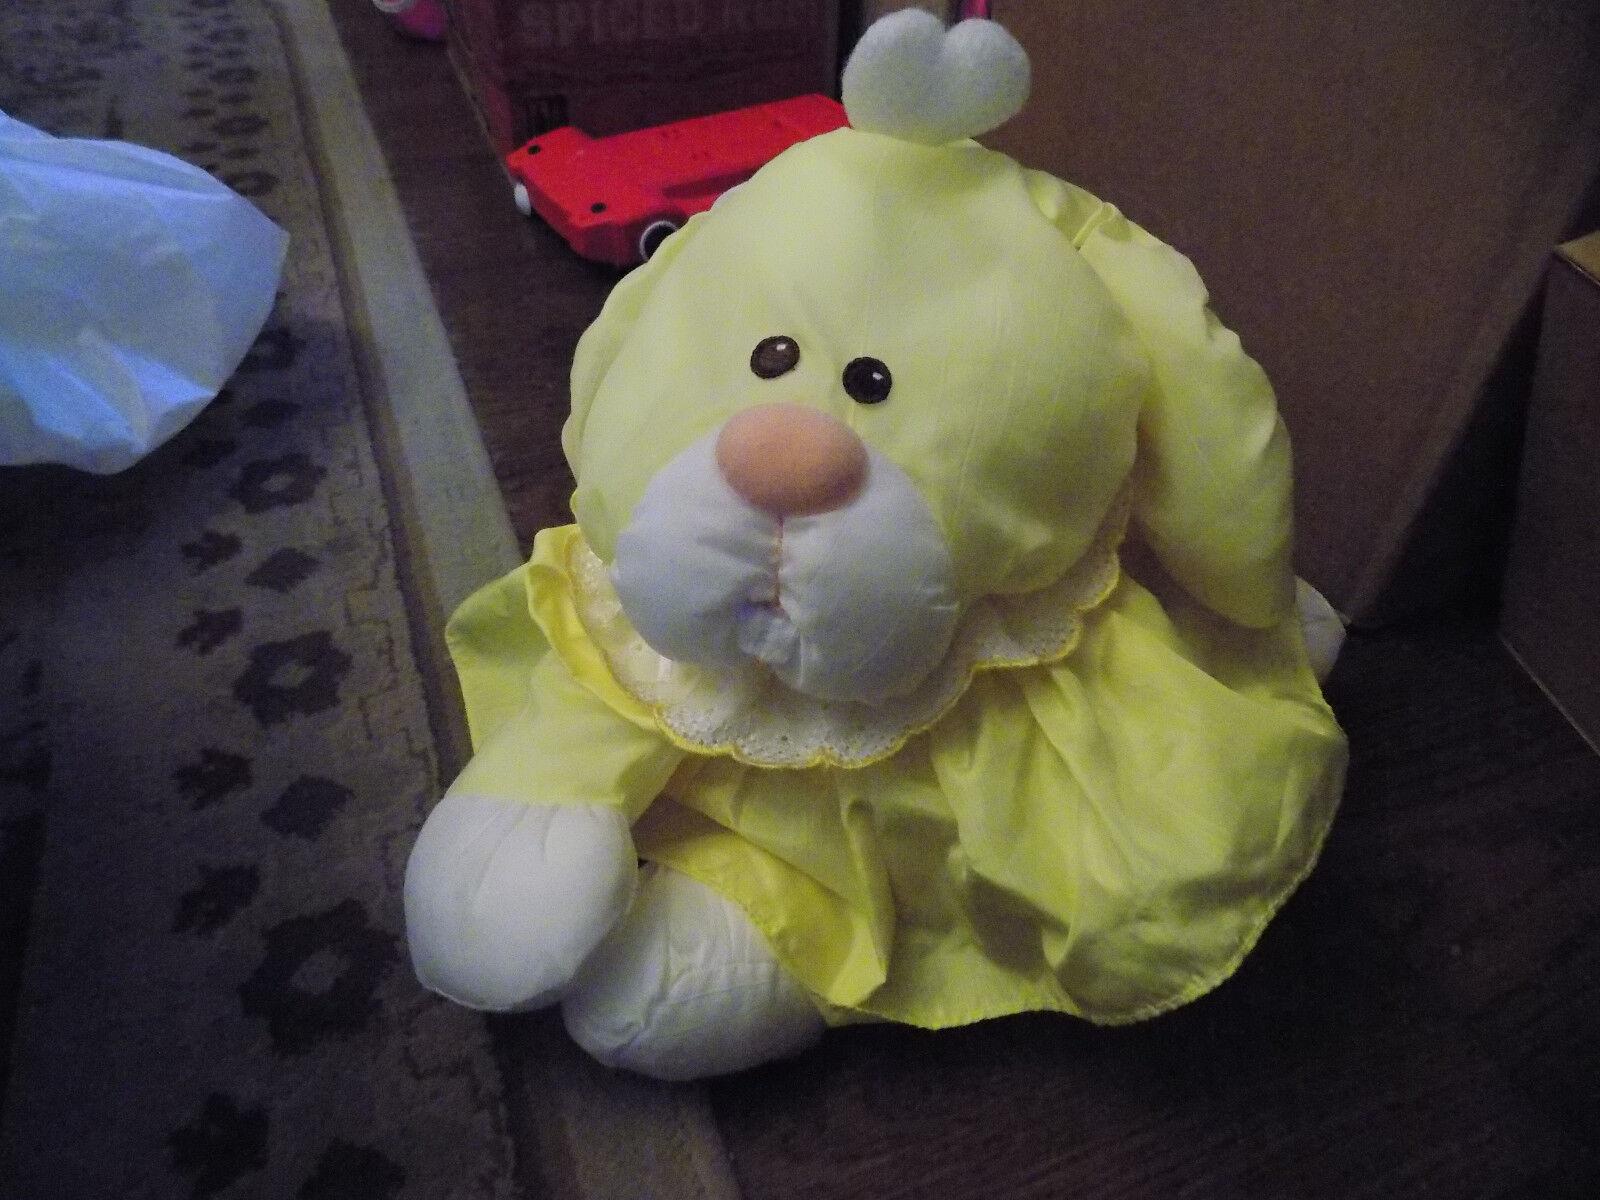 RARE Vtg 1986 Fisher Price Puffalump Bunny Plush Rabbit Gelb Plush w/ dress